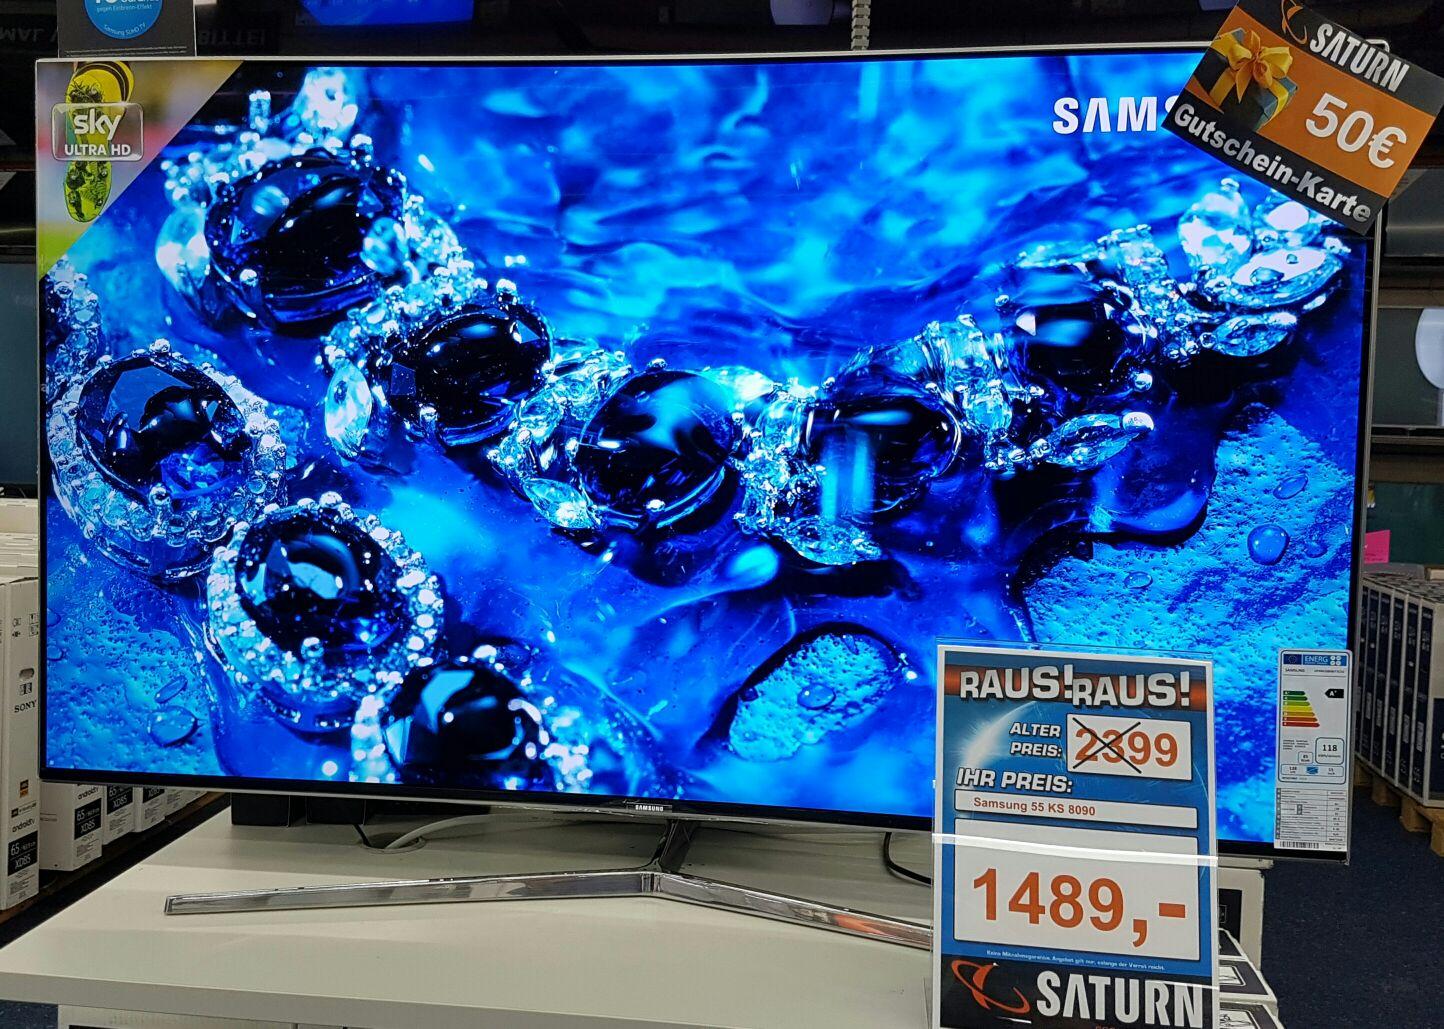 Saturn Stuttgart Samsung UE 55 KS 8090 inkl. 50,-€ Gutschein für 1489,-€